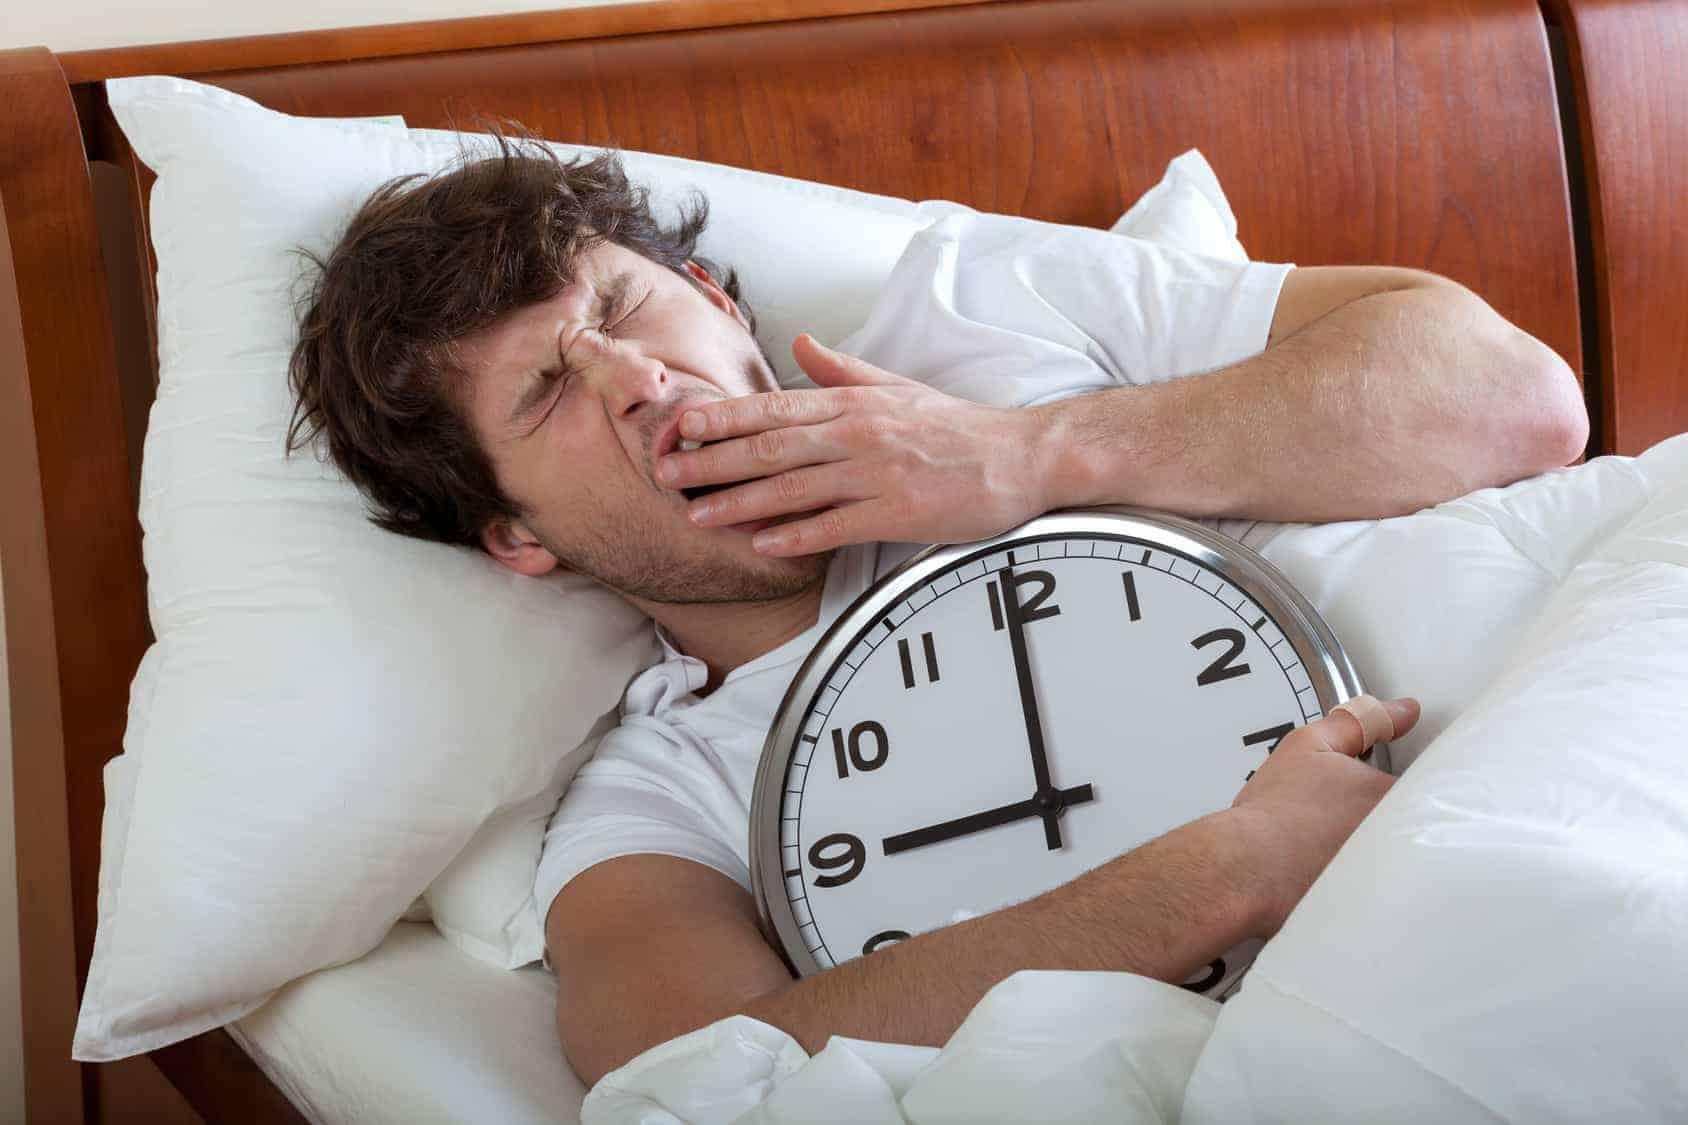 صورة اسباب كثرة النوم , اكتر الاسباب التى تزيد من النوم